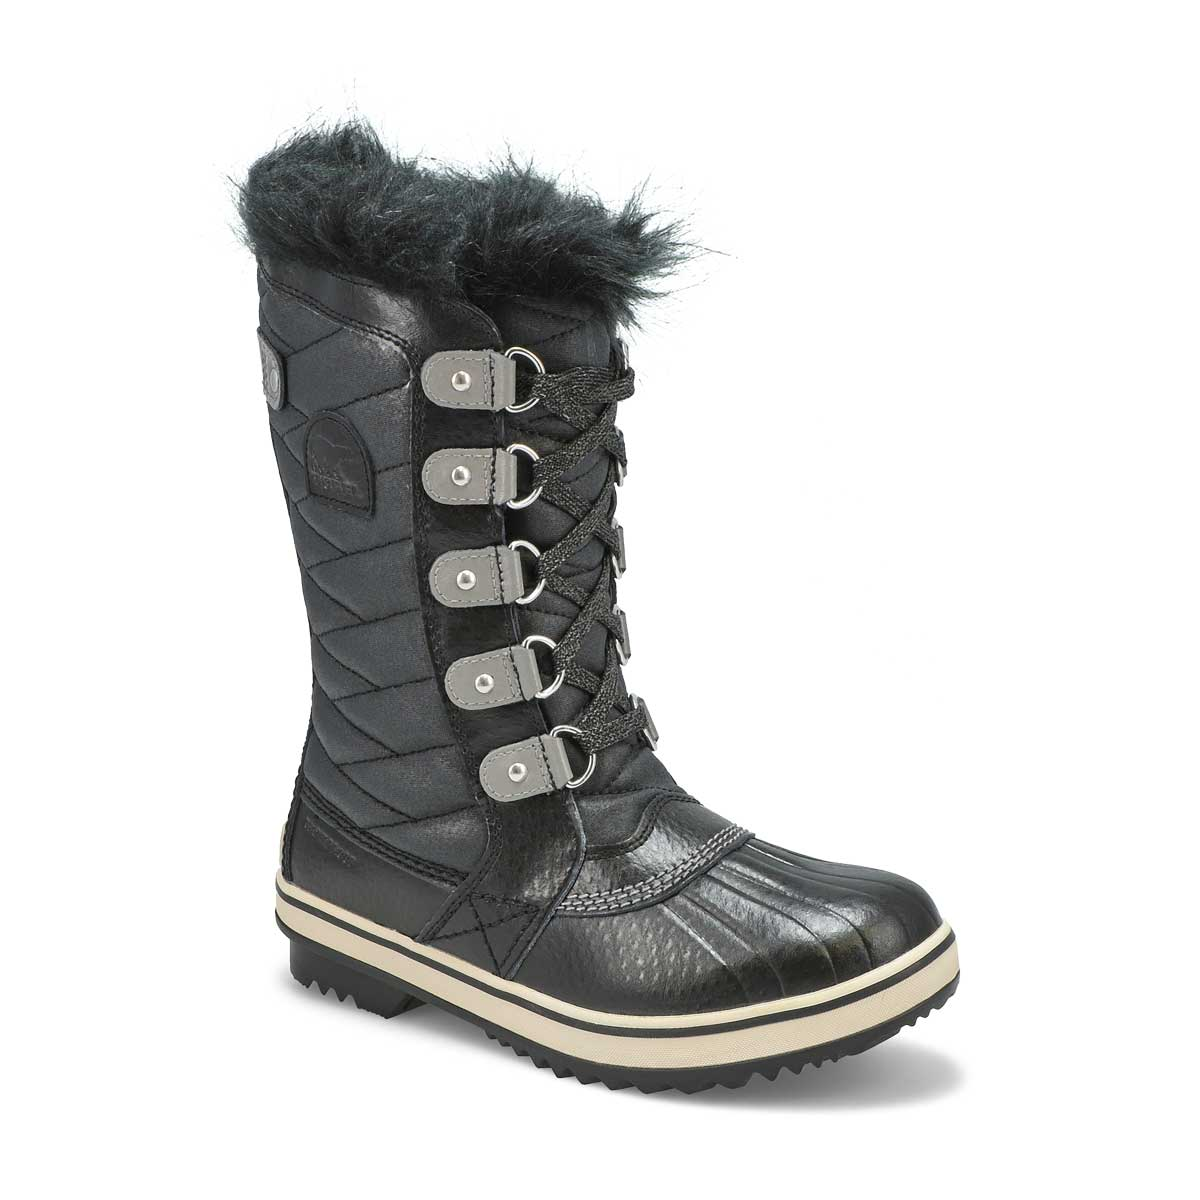 Xxx Snow Boots 18